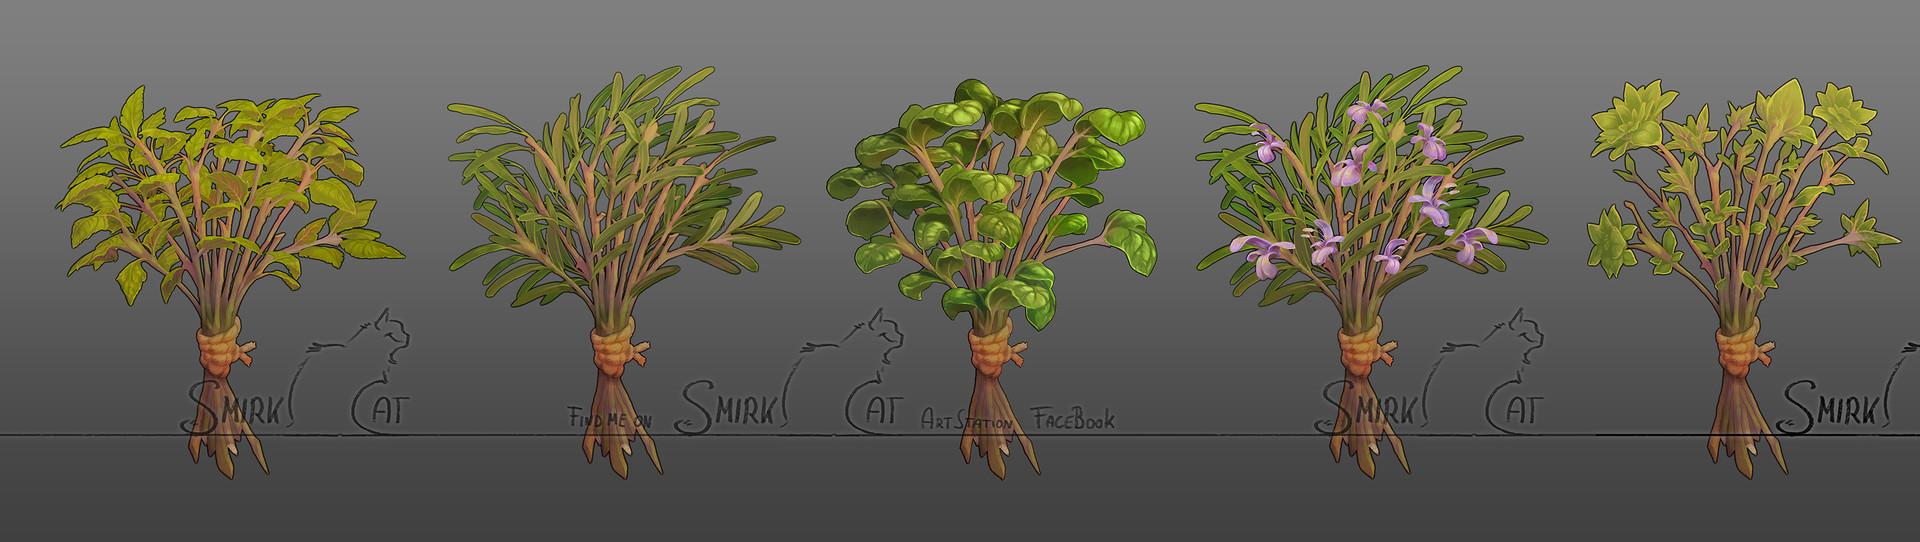 Smirk cat herbs lineup